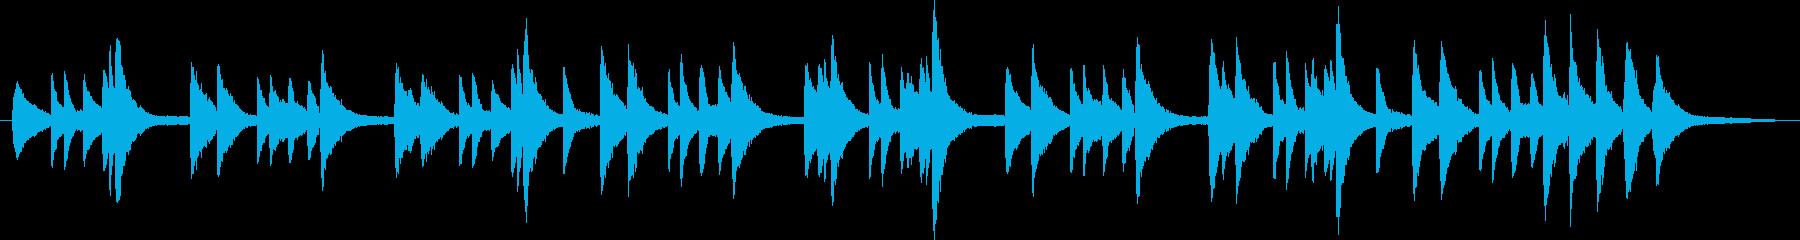 ピアノ ソロの再生済みの波形